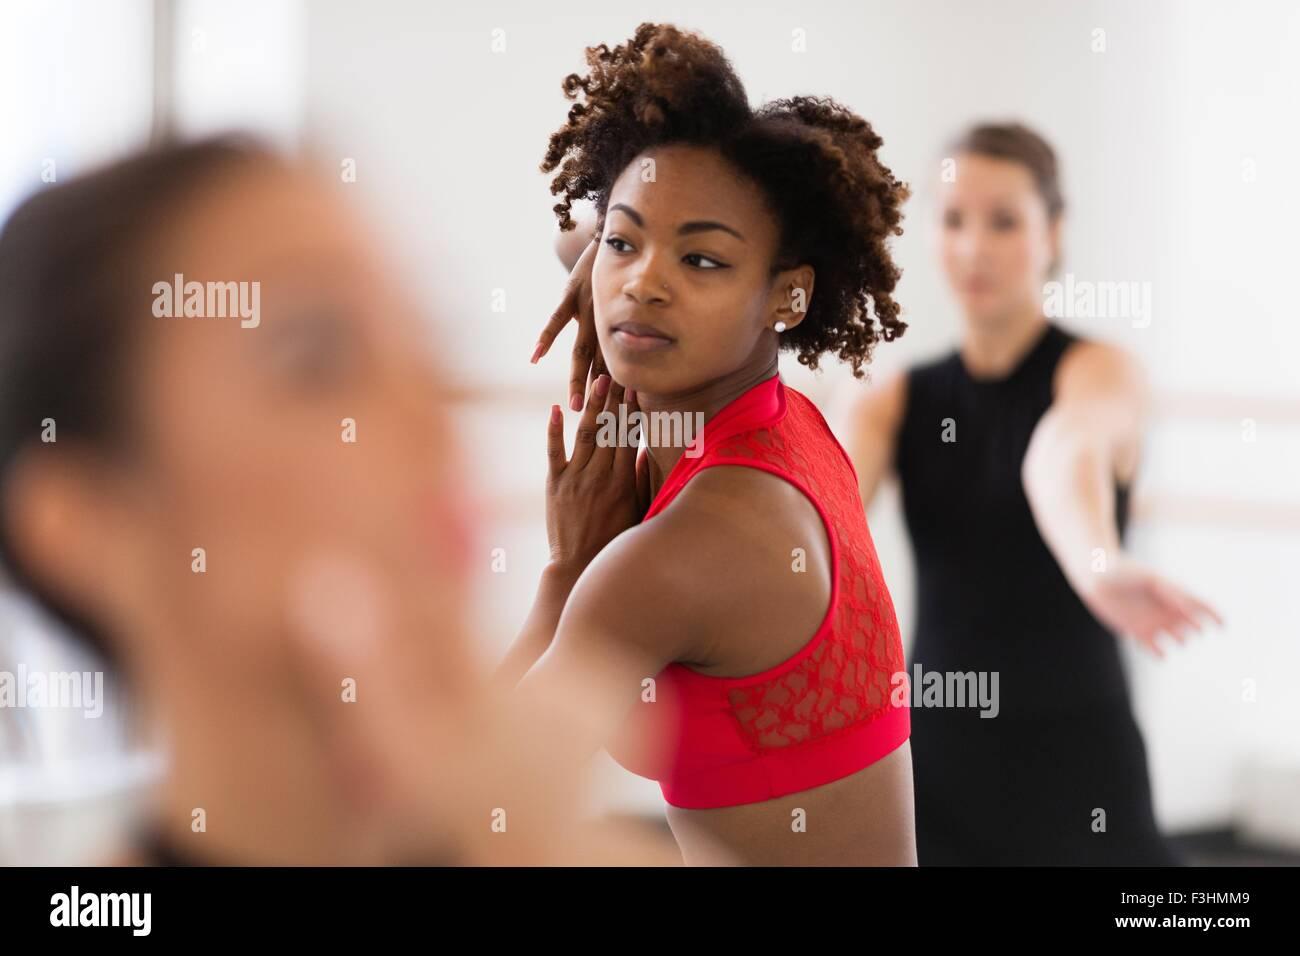 Junge Frauen tanzen, wegsehen, differenzielle Fokus Stockbild